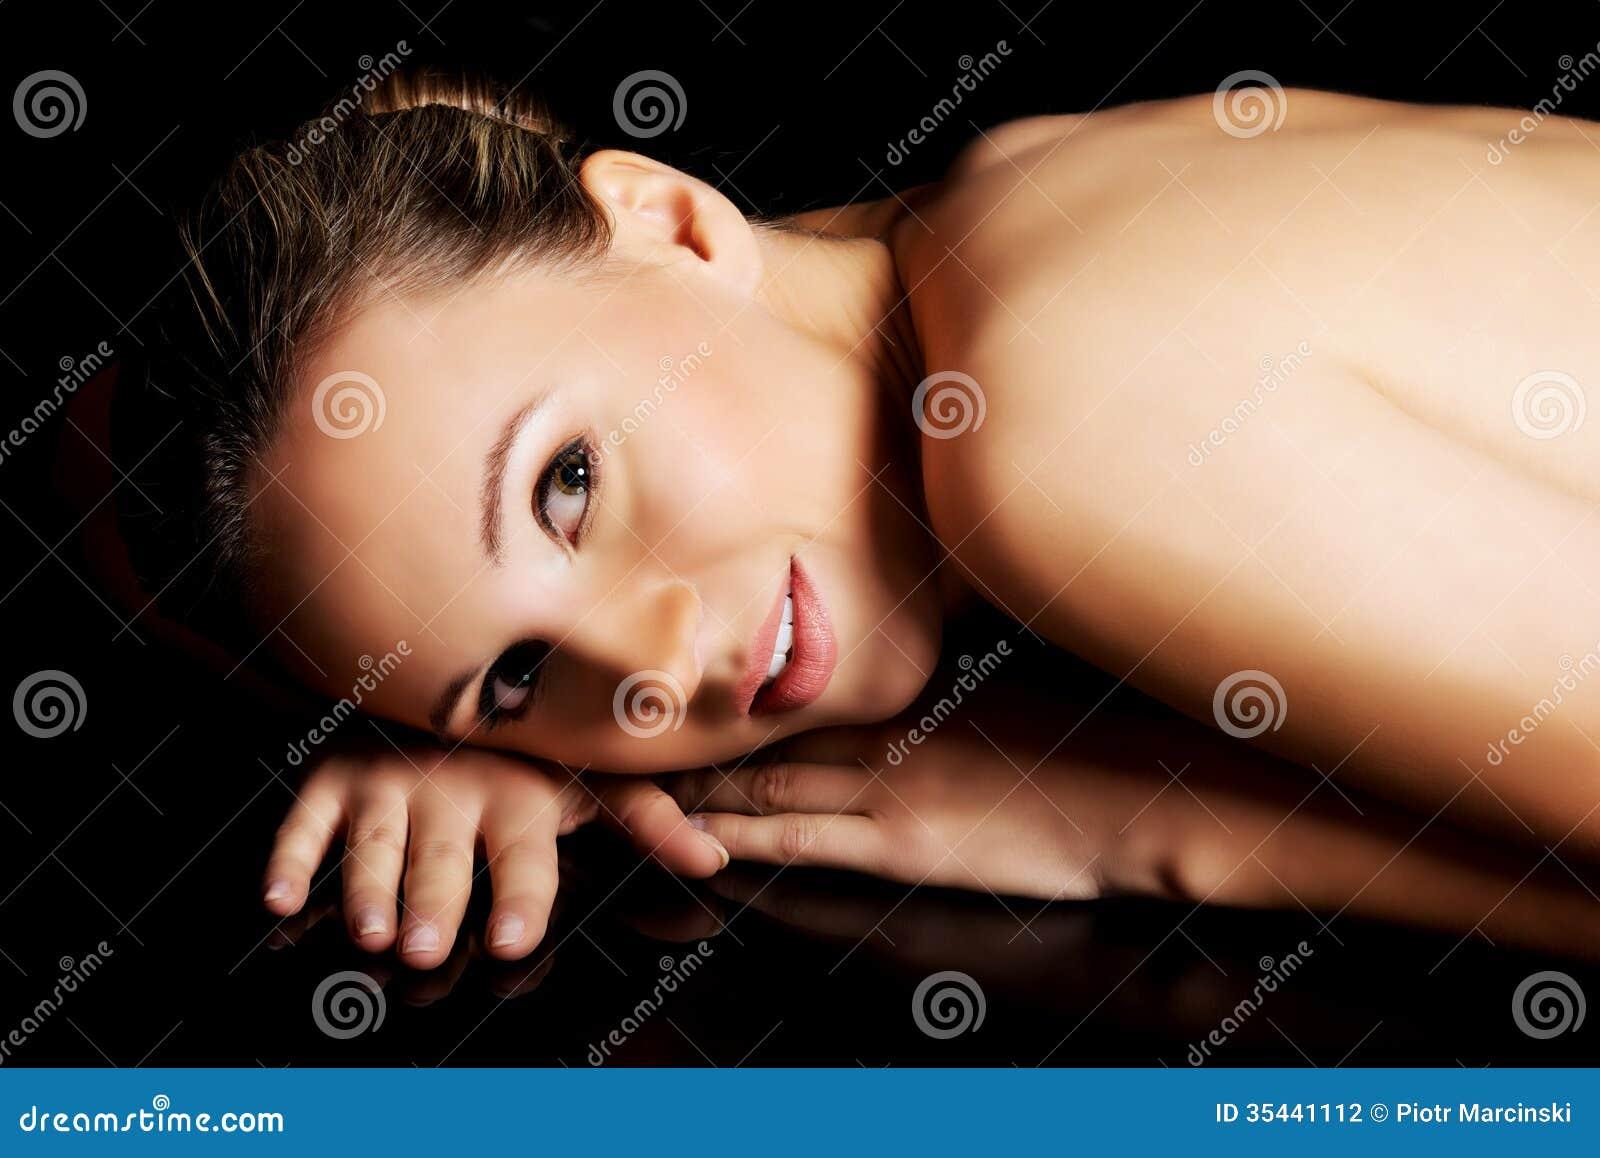 Cherish model nude naked